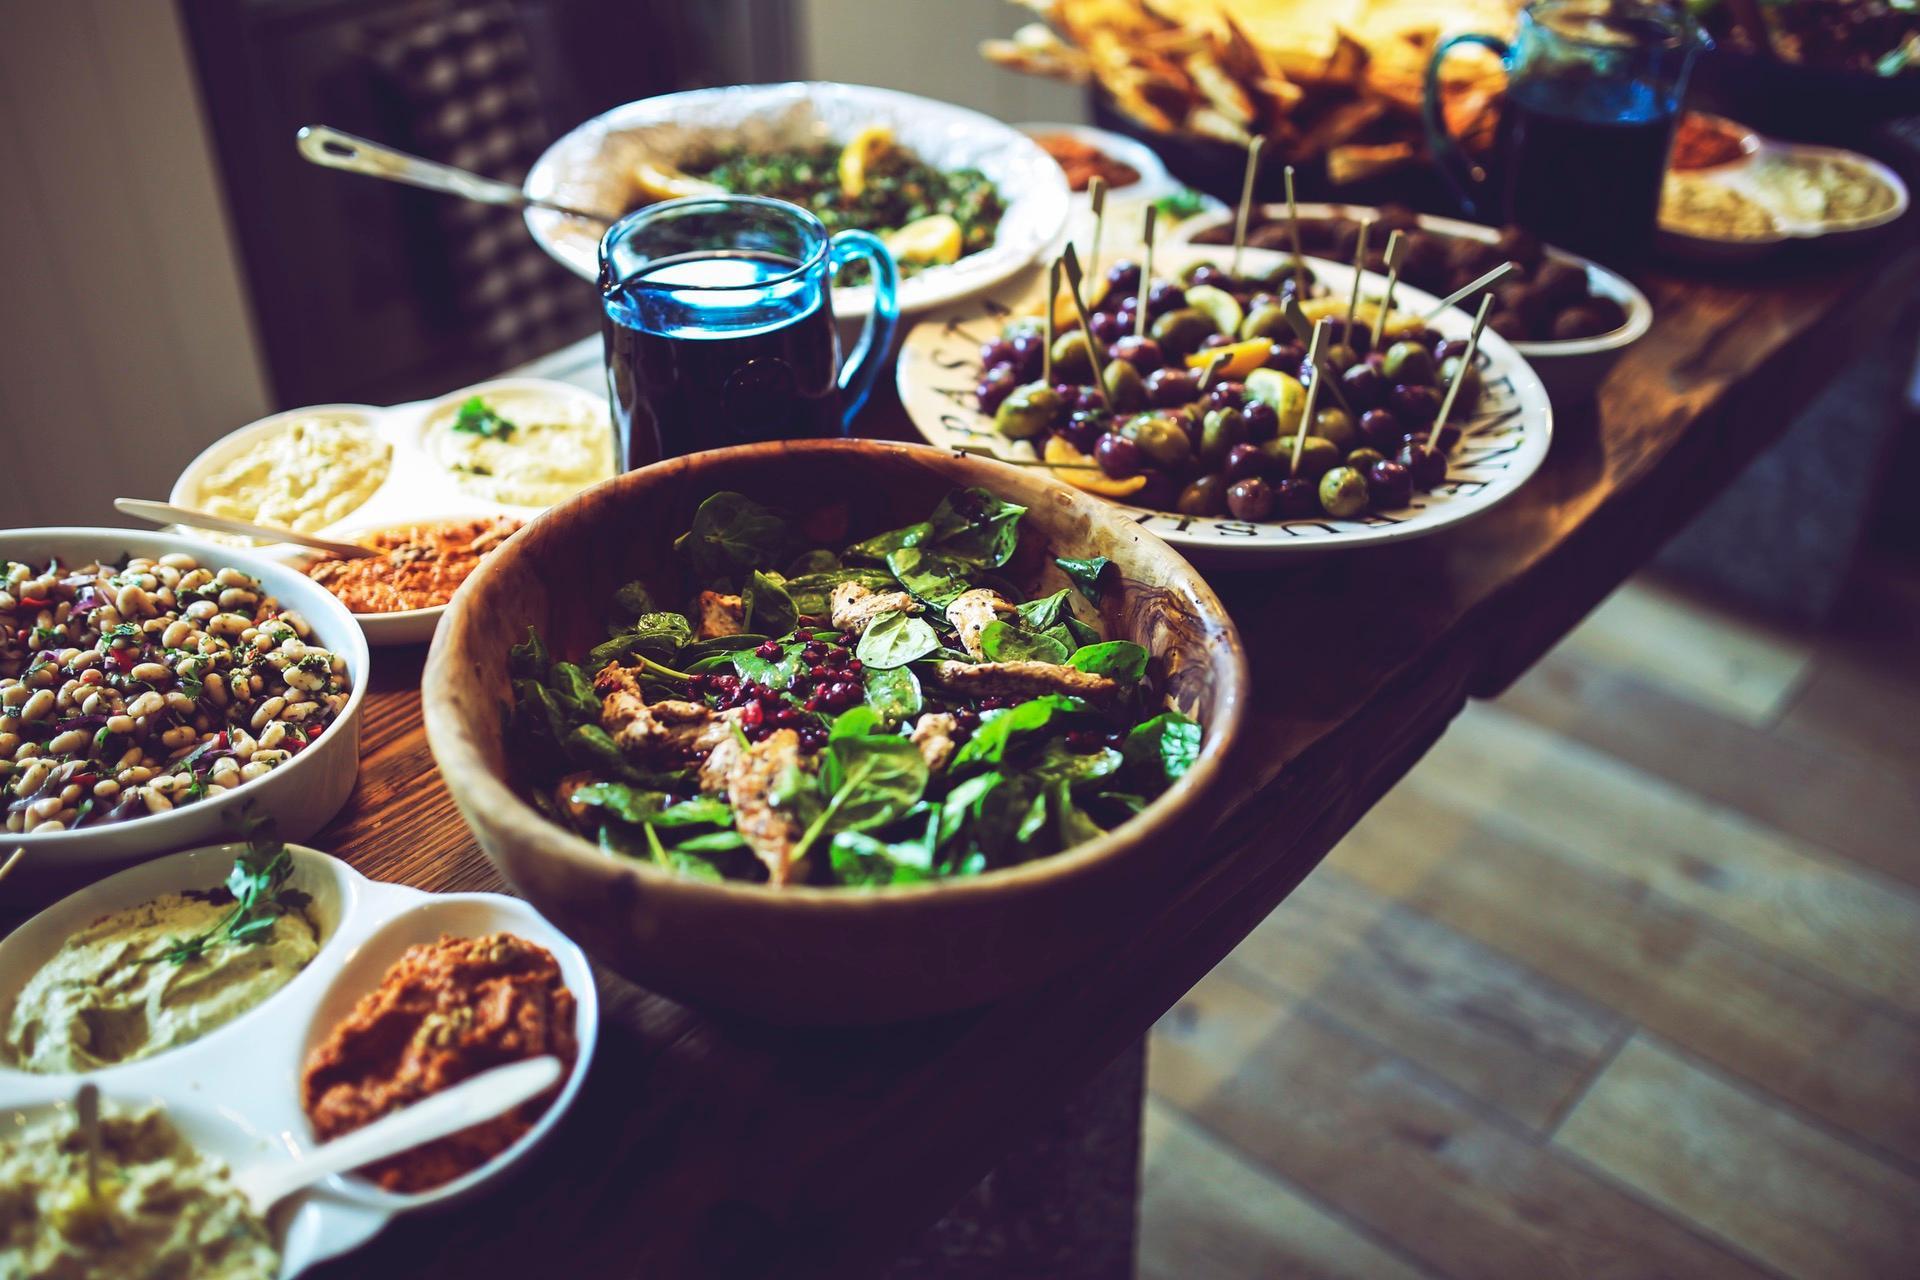 food-salad-healthy-vegetables-1493757207671.jpg